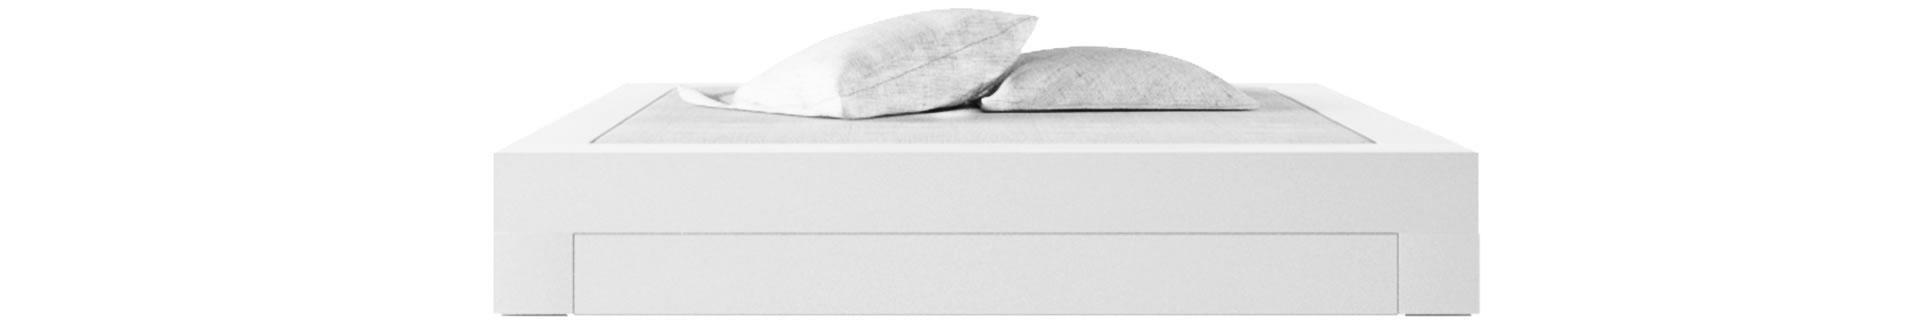 boxspringbett mit schubladen design bett von rechteck. Black Bedroom Furniture Sets. Home Design Ideas